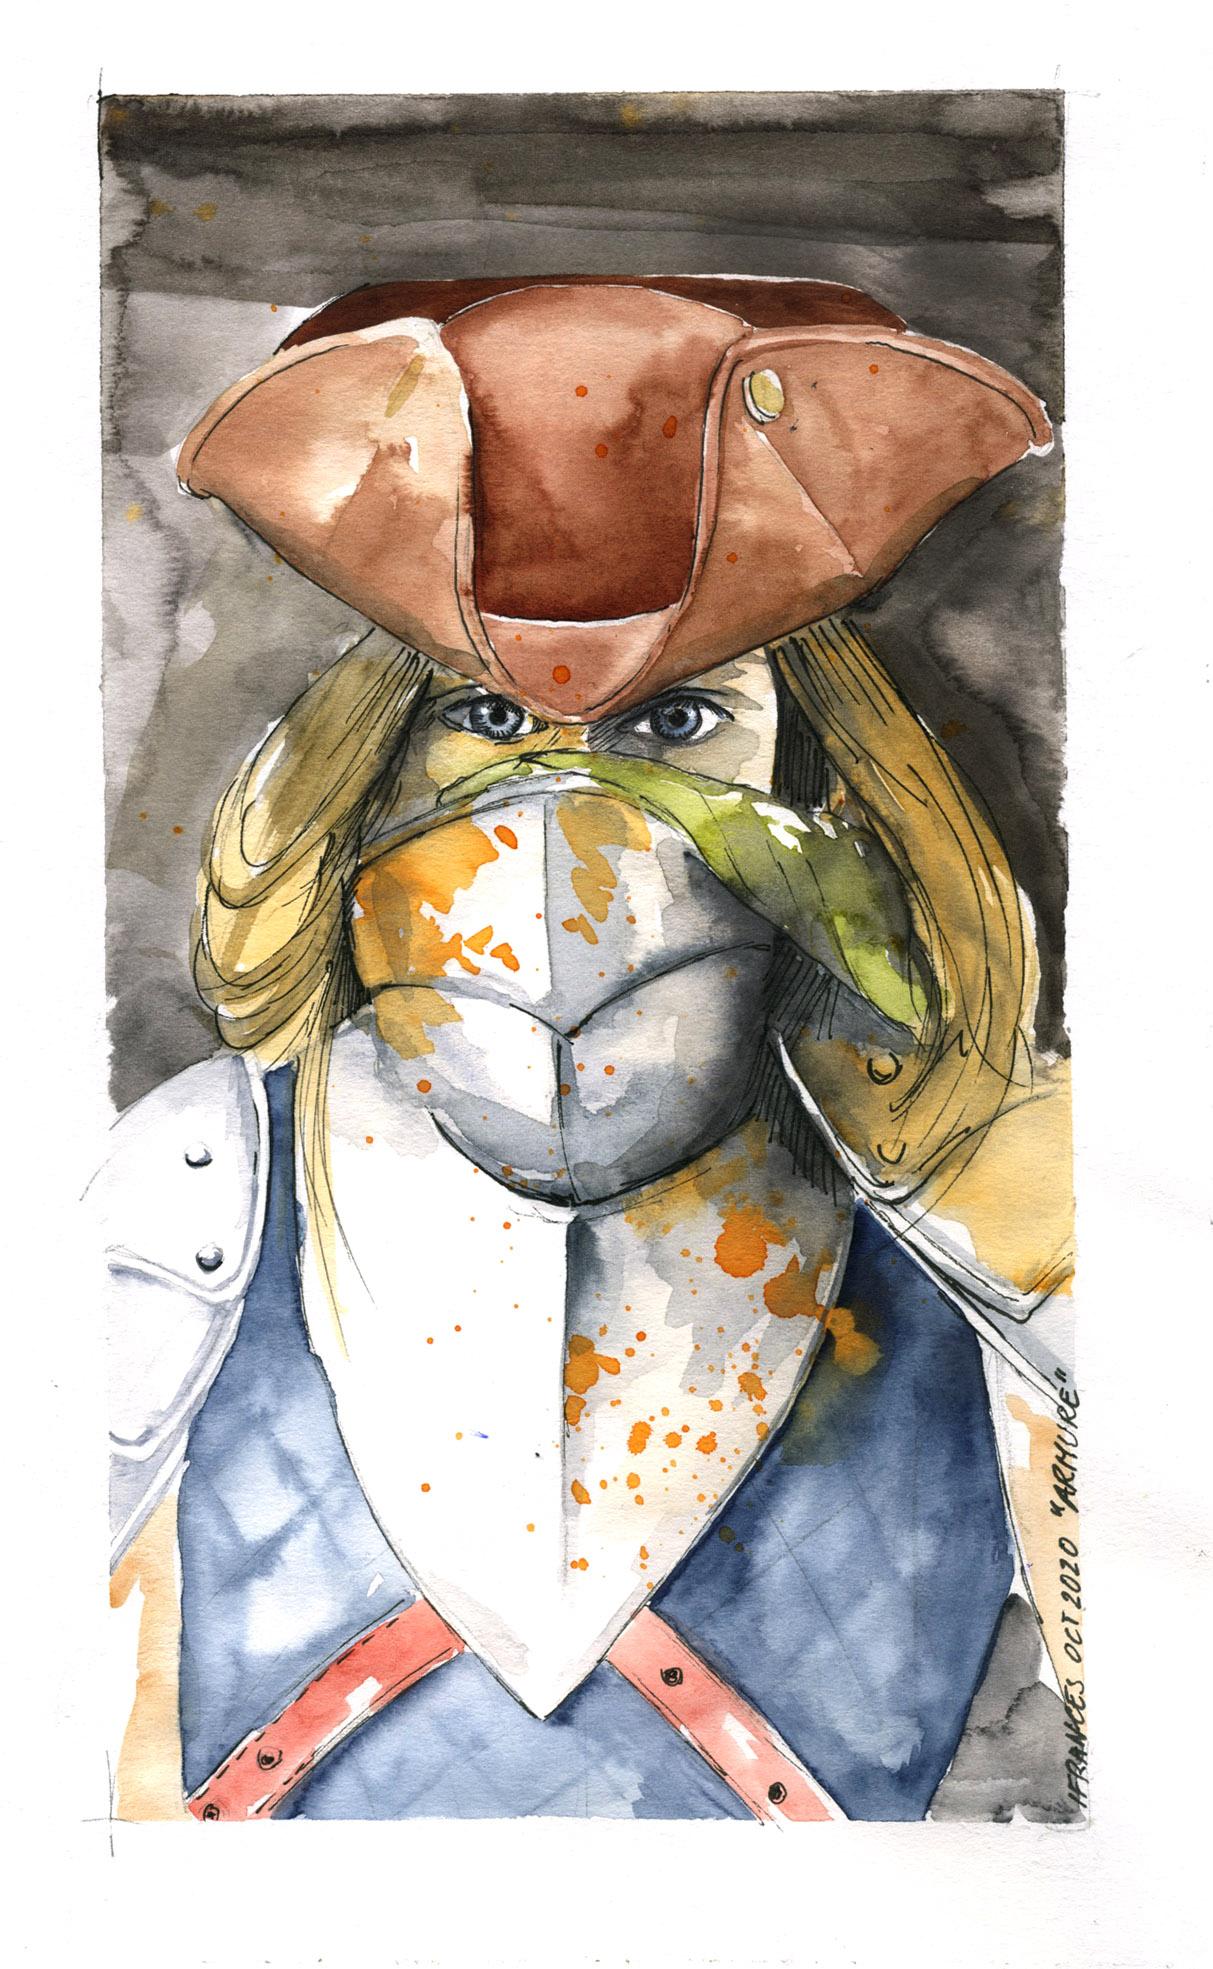 Femme en armure d'apres une photo de Trickery Art pour Sktchy